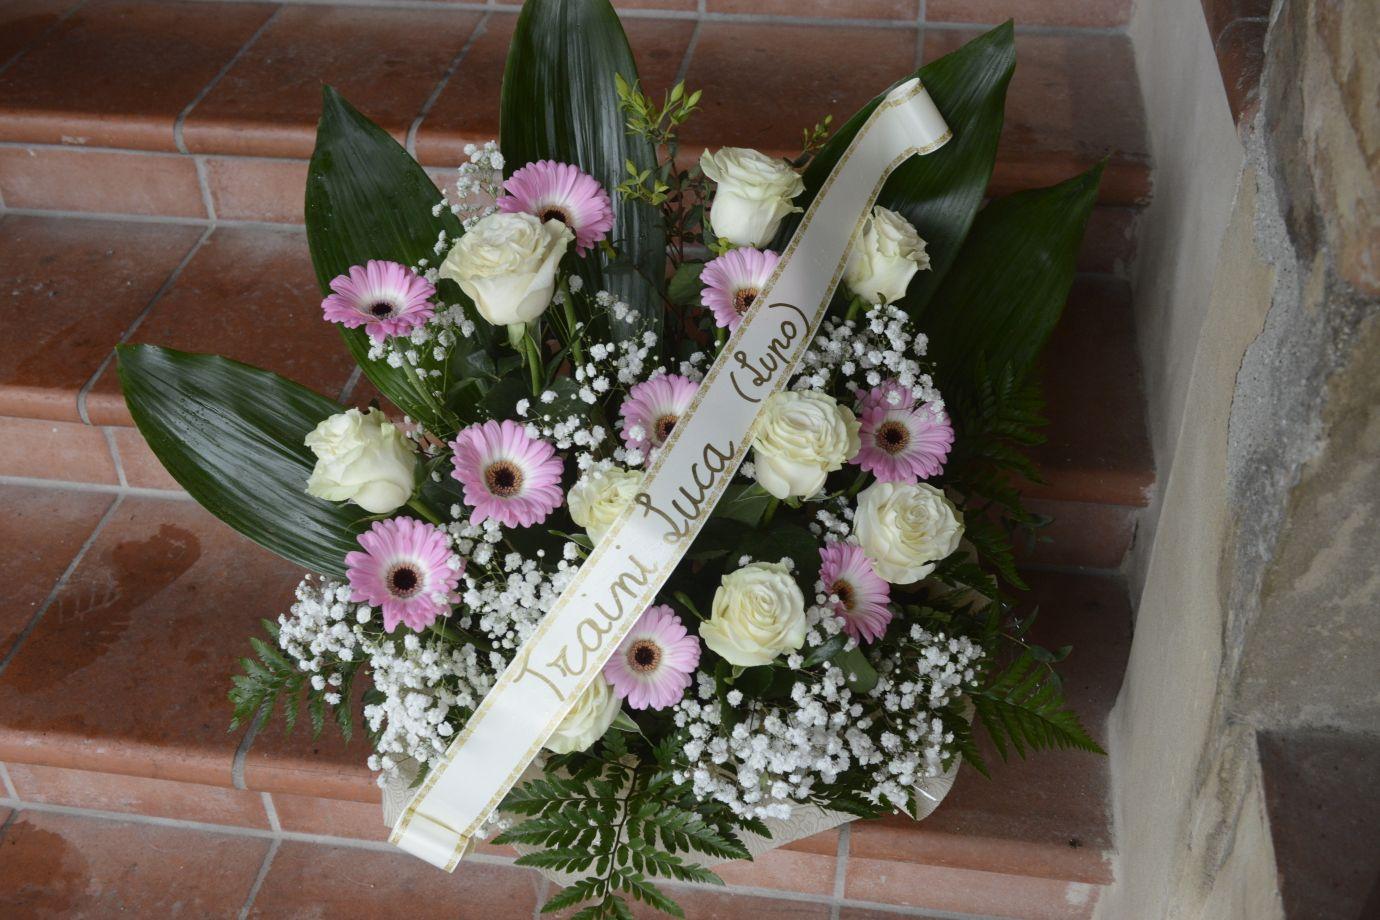 Mazzo Di Fiori Lutto.Funerale Di Pamela Traini Manda Un Mazzo Di Fiori Cronache Ancona